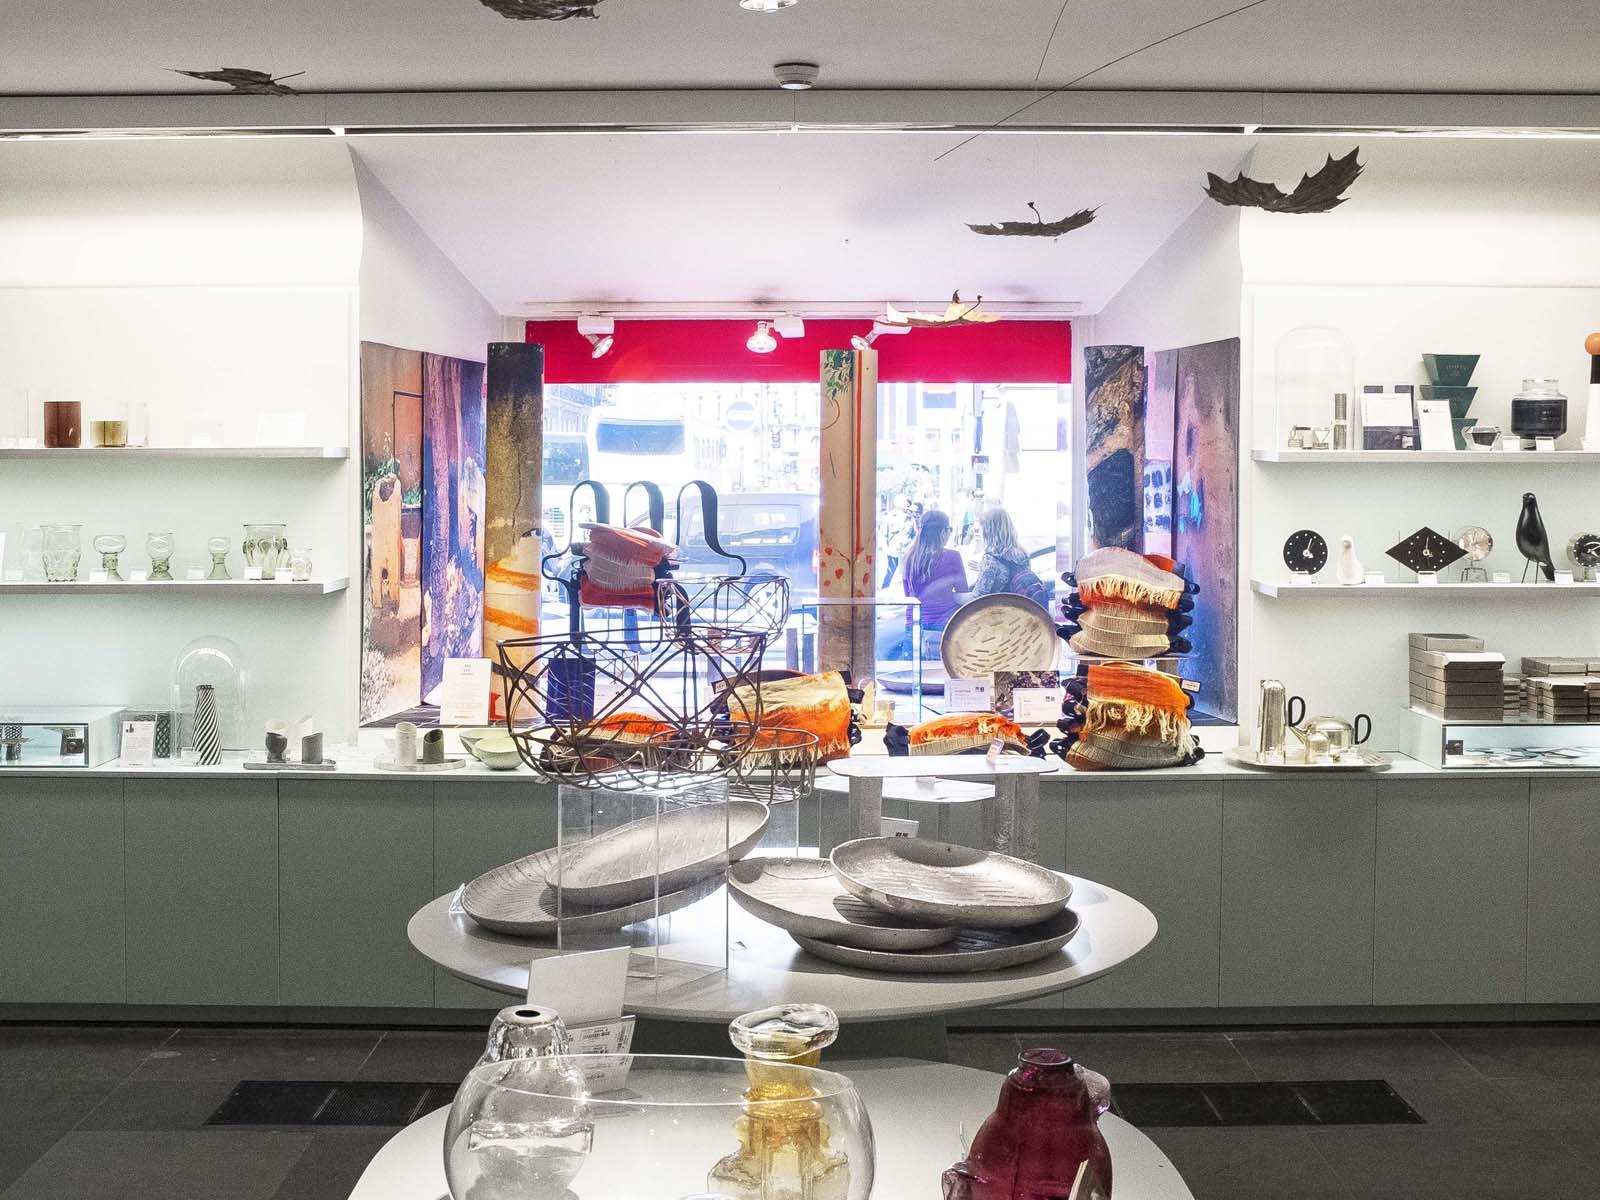 Photo by: Émile Barret - Hors Pistes' products at the  Musée des Arts Décoratifs de Paris  shop • 2015